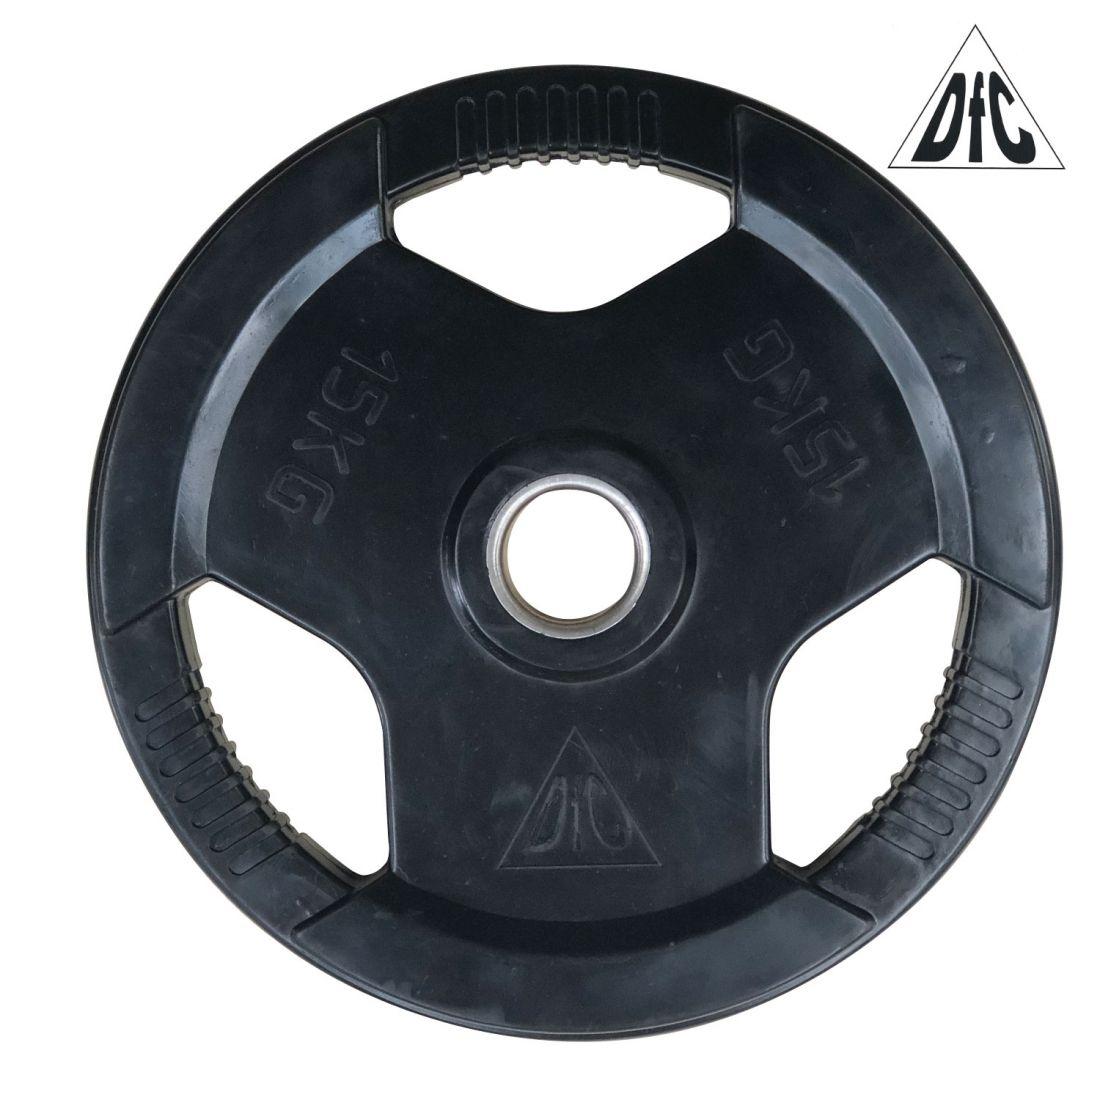 Диск обрезиненный DFC, чёрный, 51 мм, 15 кг